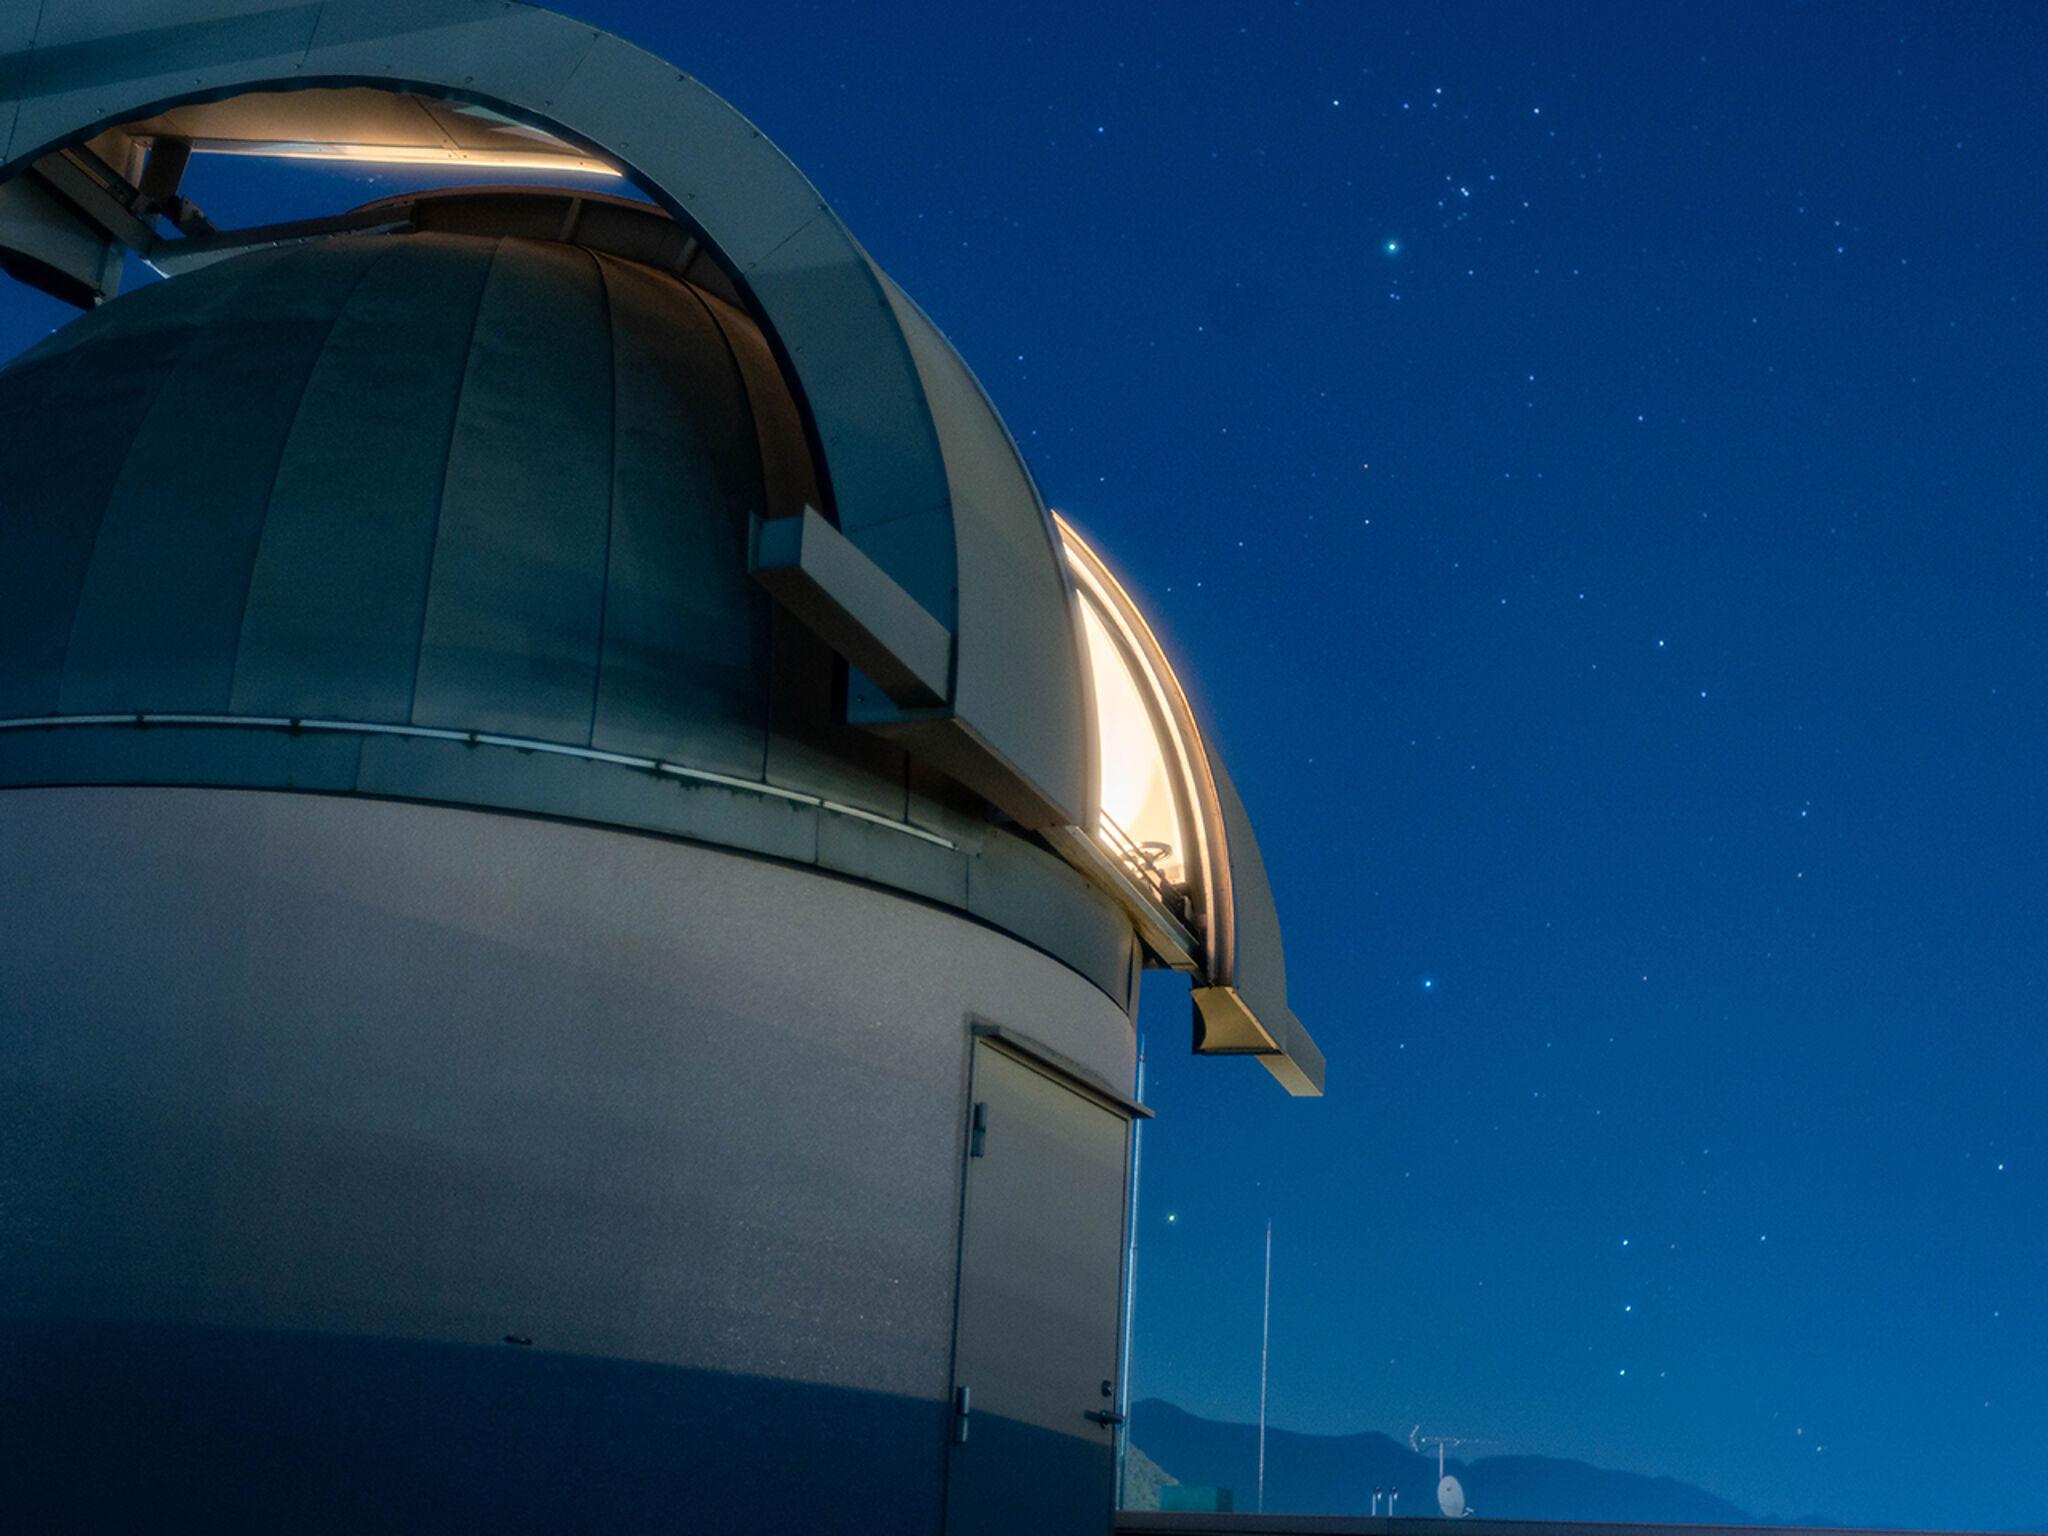 やまがた天文台